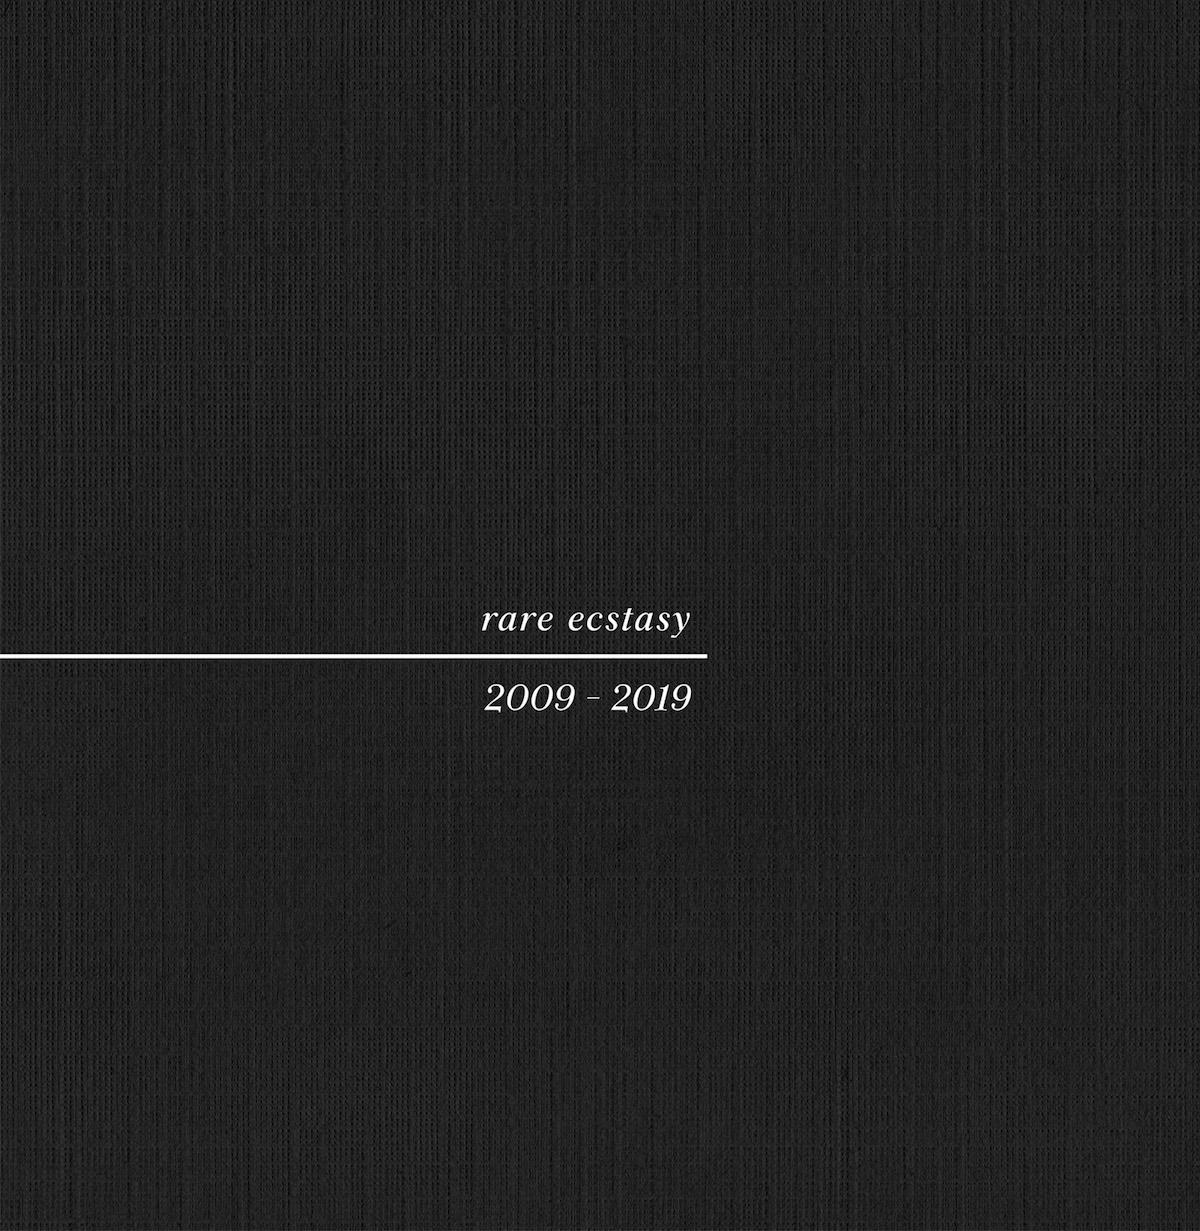 pure x rare ecstasy album cover art Pure X Announce New Album Rare Ecstasy 2009 2019, Share Willie Nelson Cover: Stream